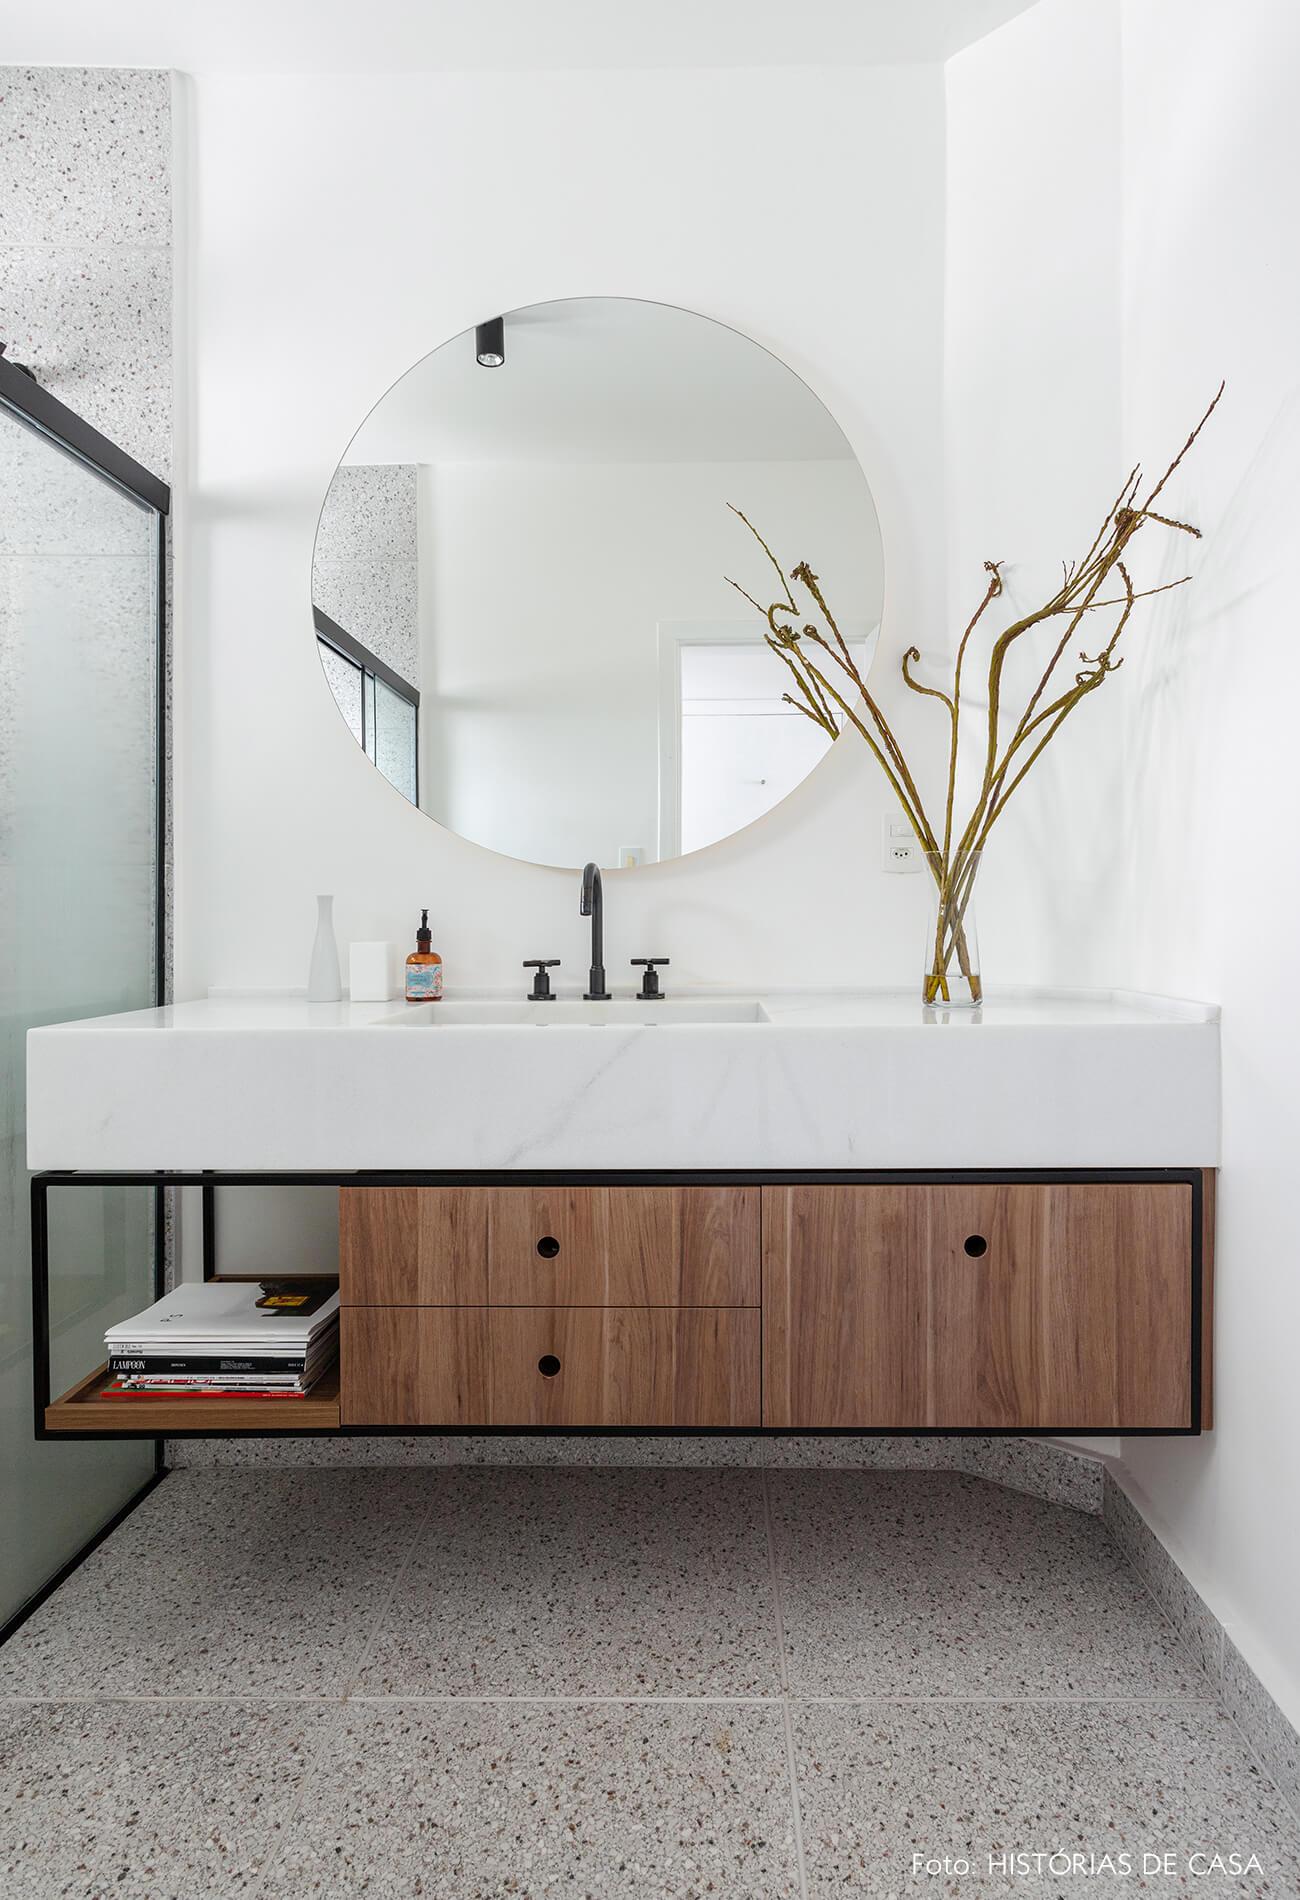 Apartamento escandinavo, banheiro com espelho redondo e tons sóbrios